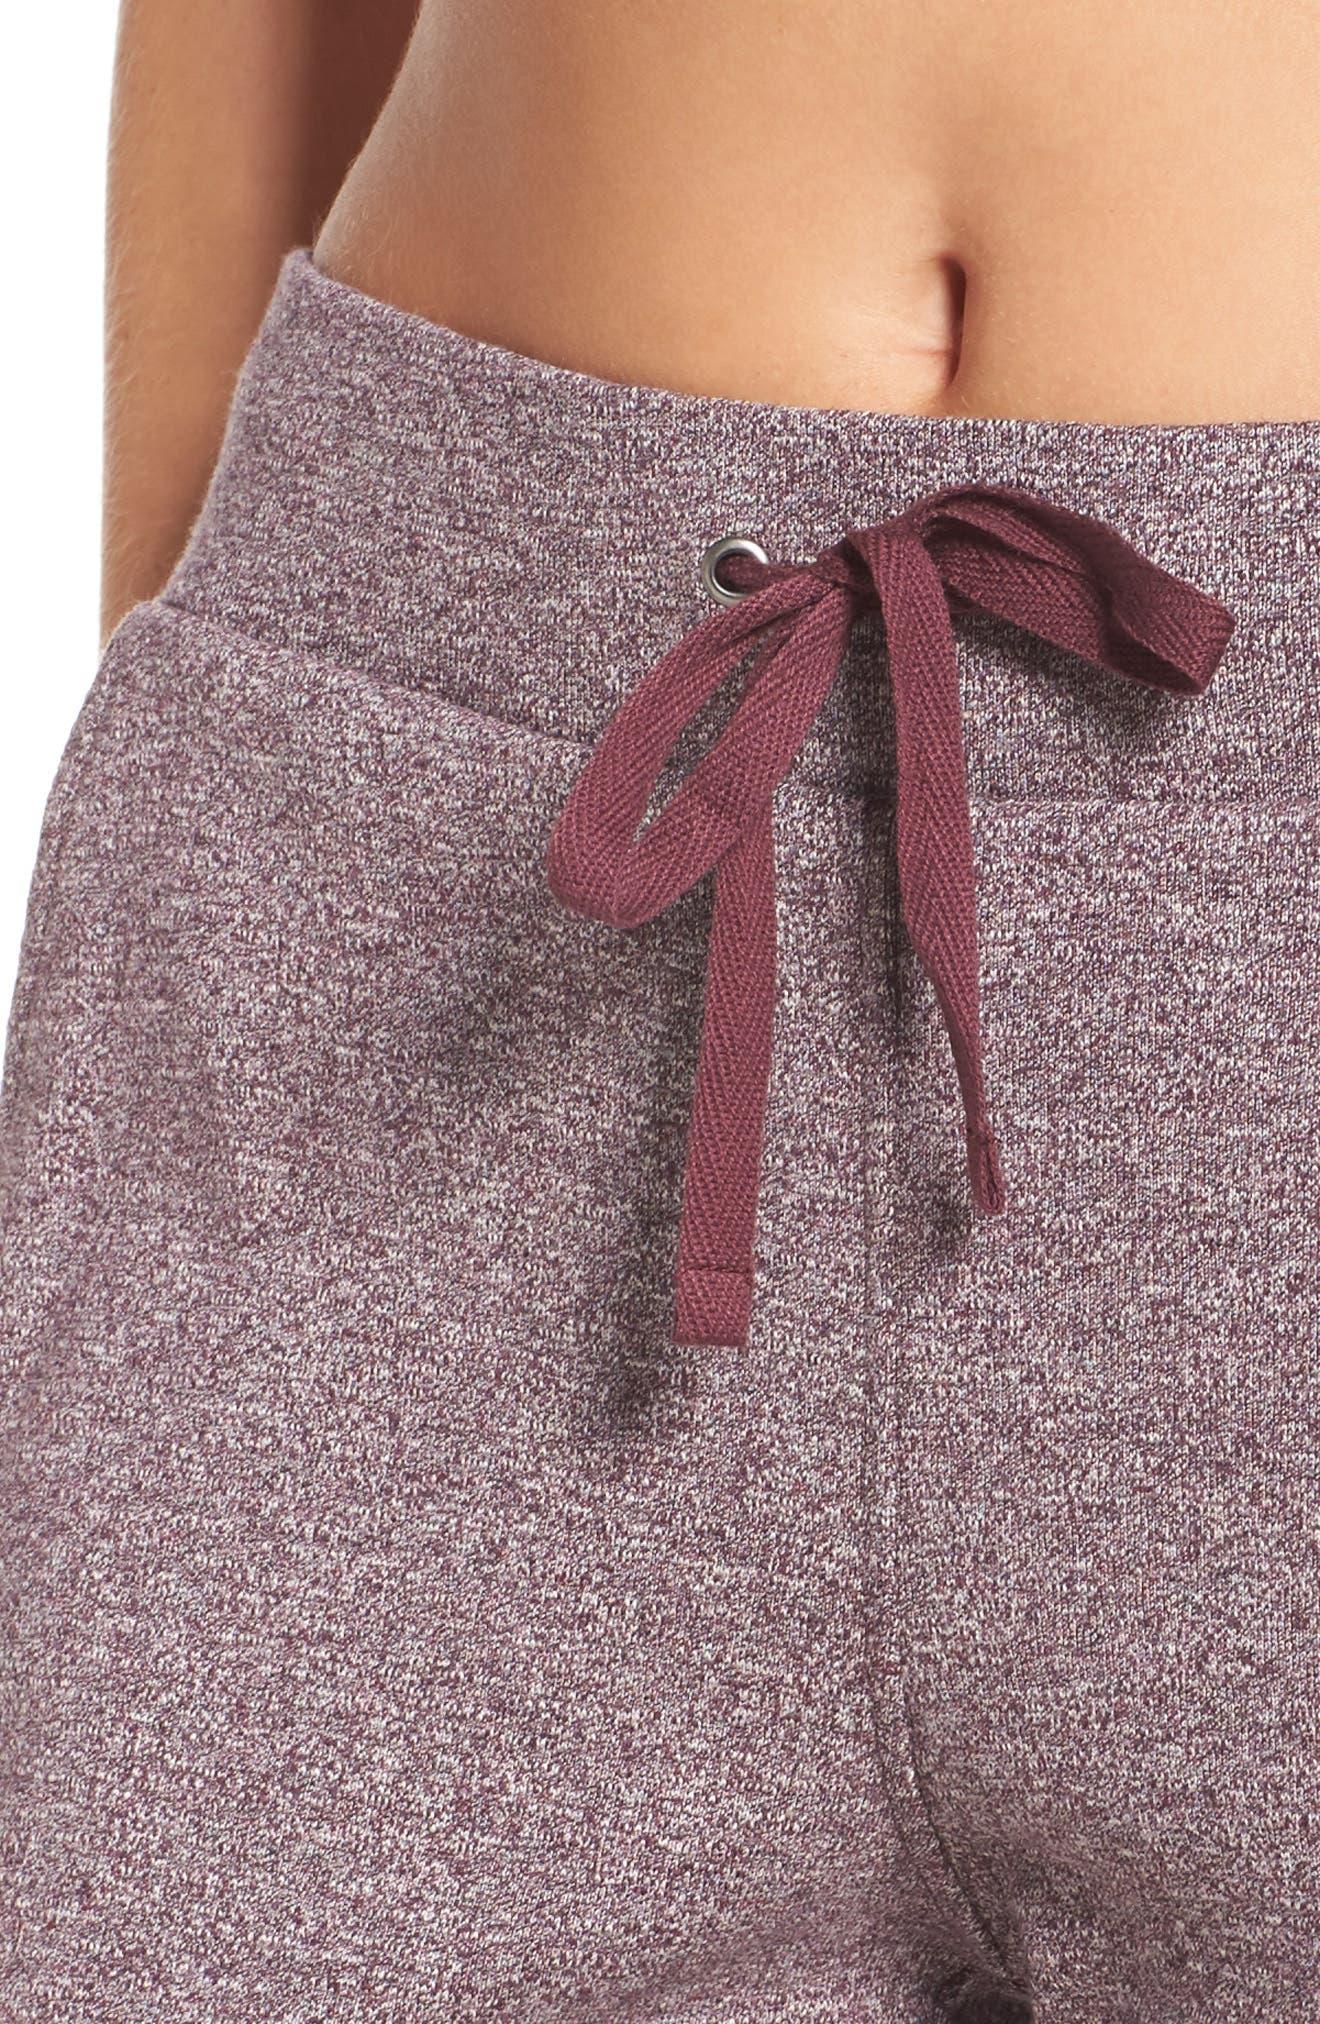 Clementine Cotton Sweatpants,                             Alternate thumbnail 12, color,